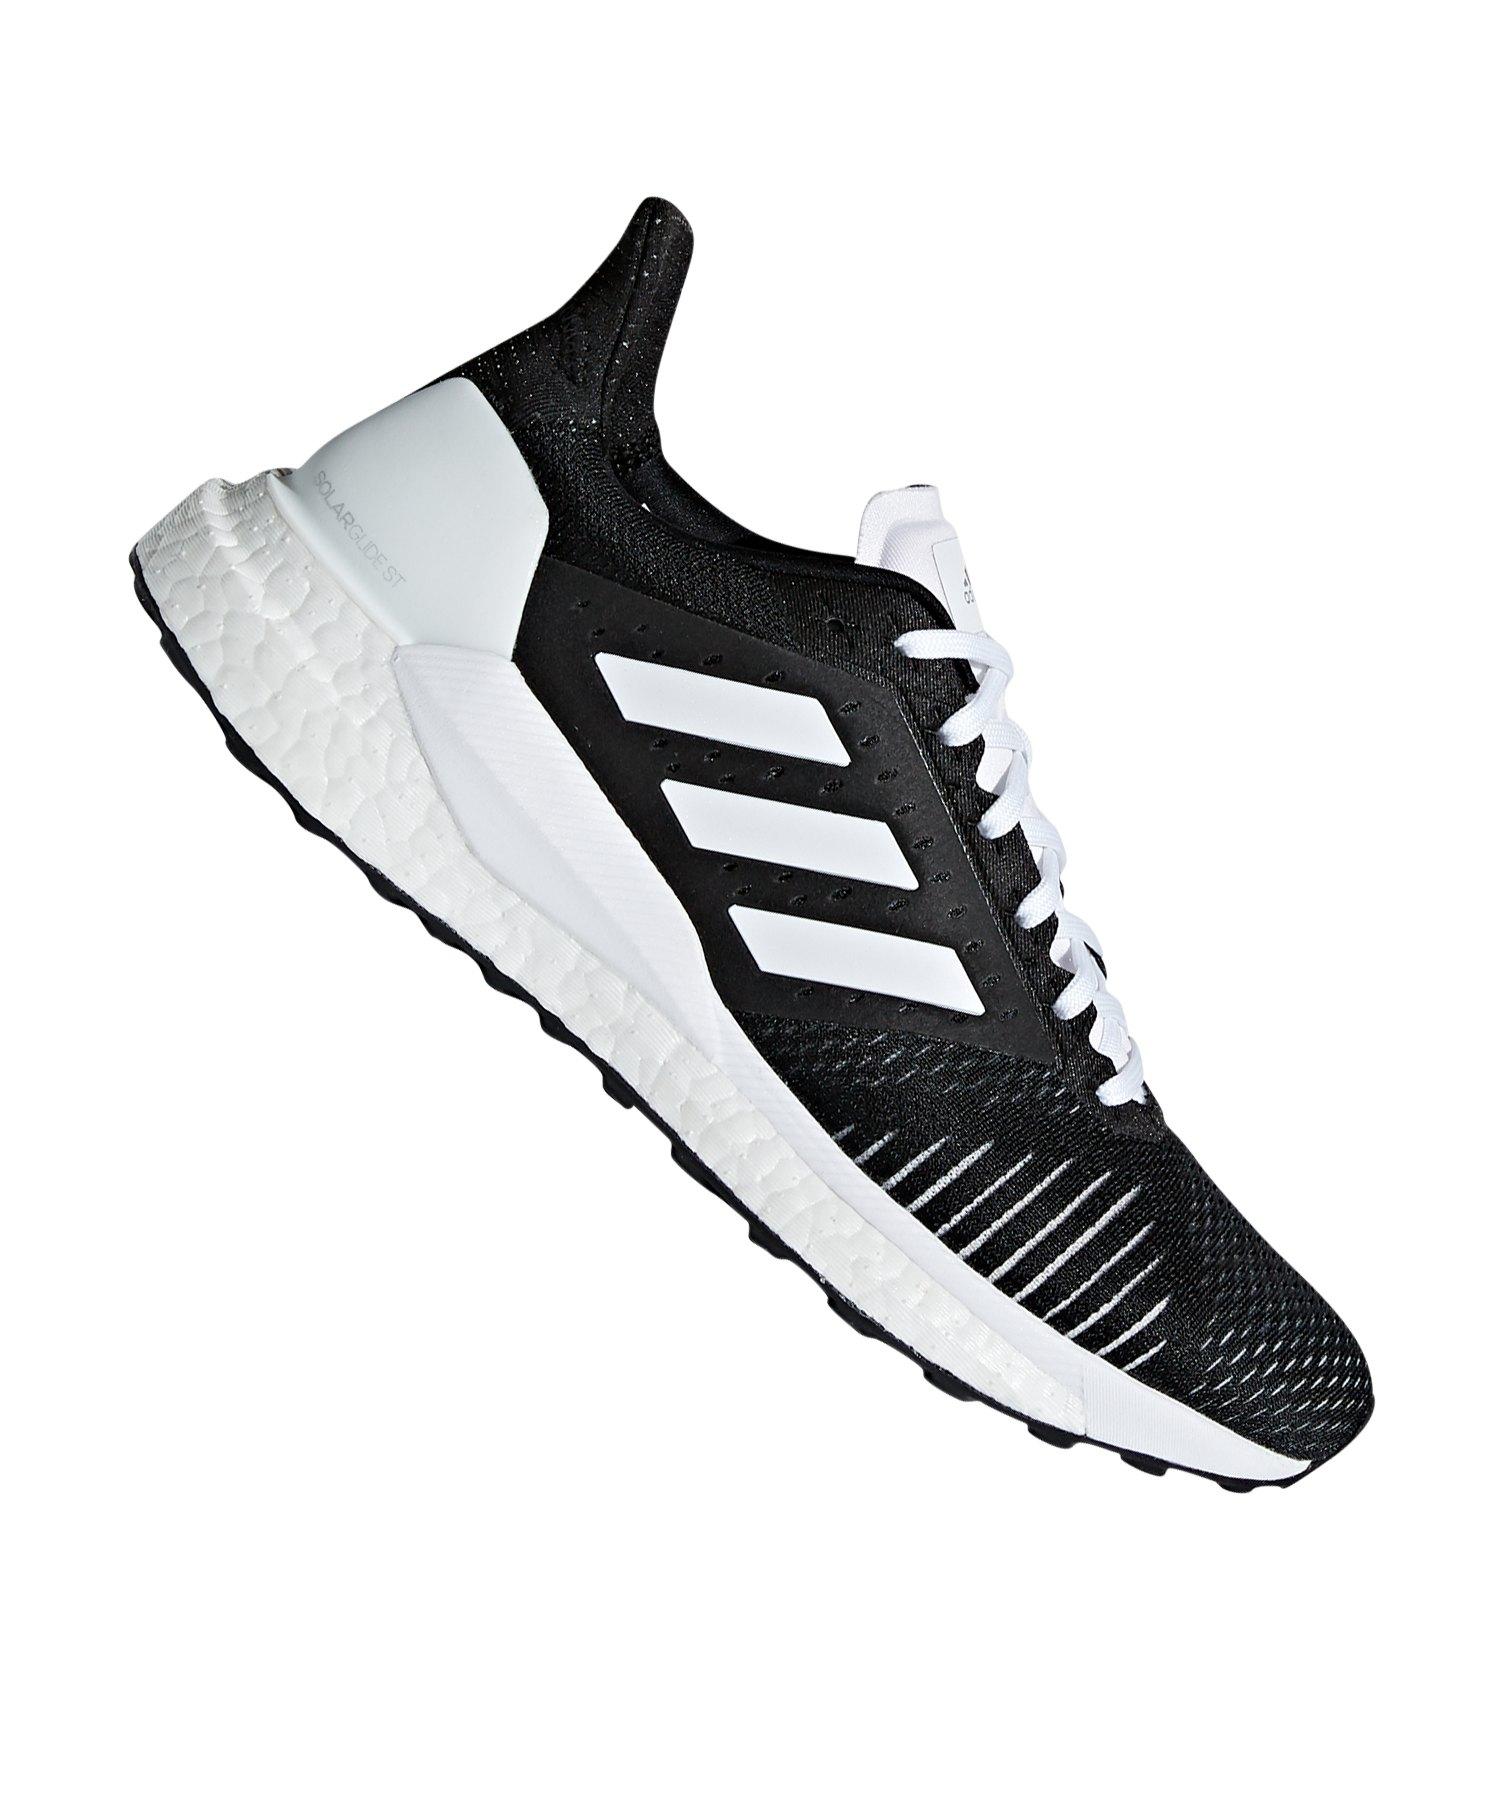 online store f63d8 a95a5 adidas Solar Glide ST Damen Running Schwarz Weiss - schwarz